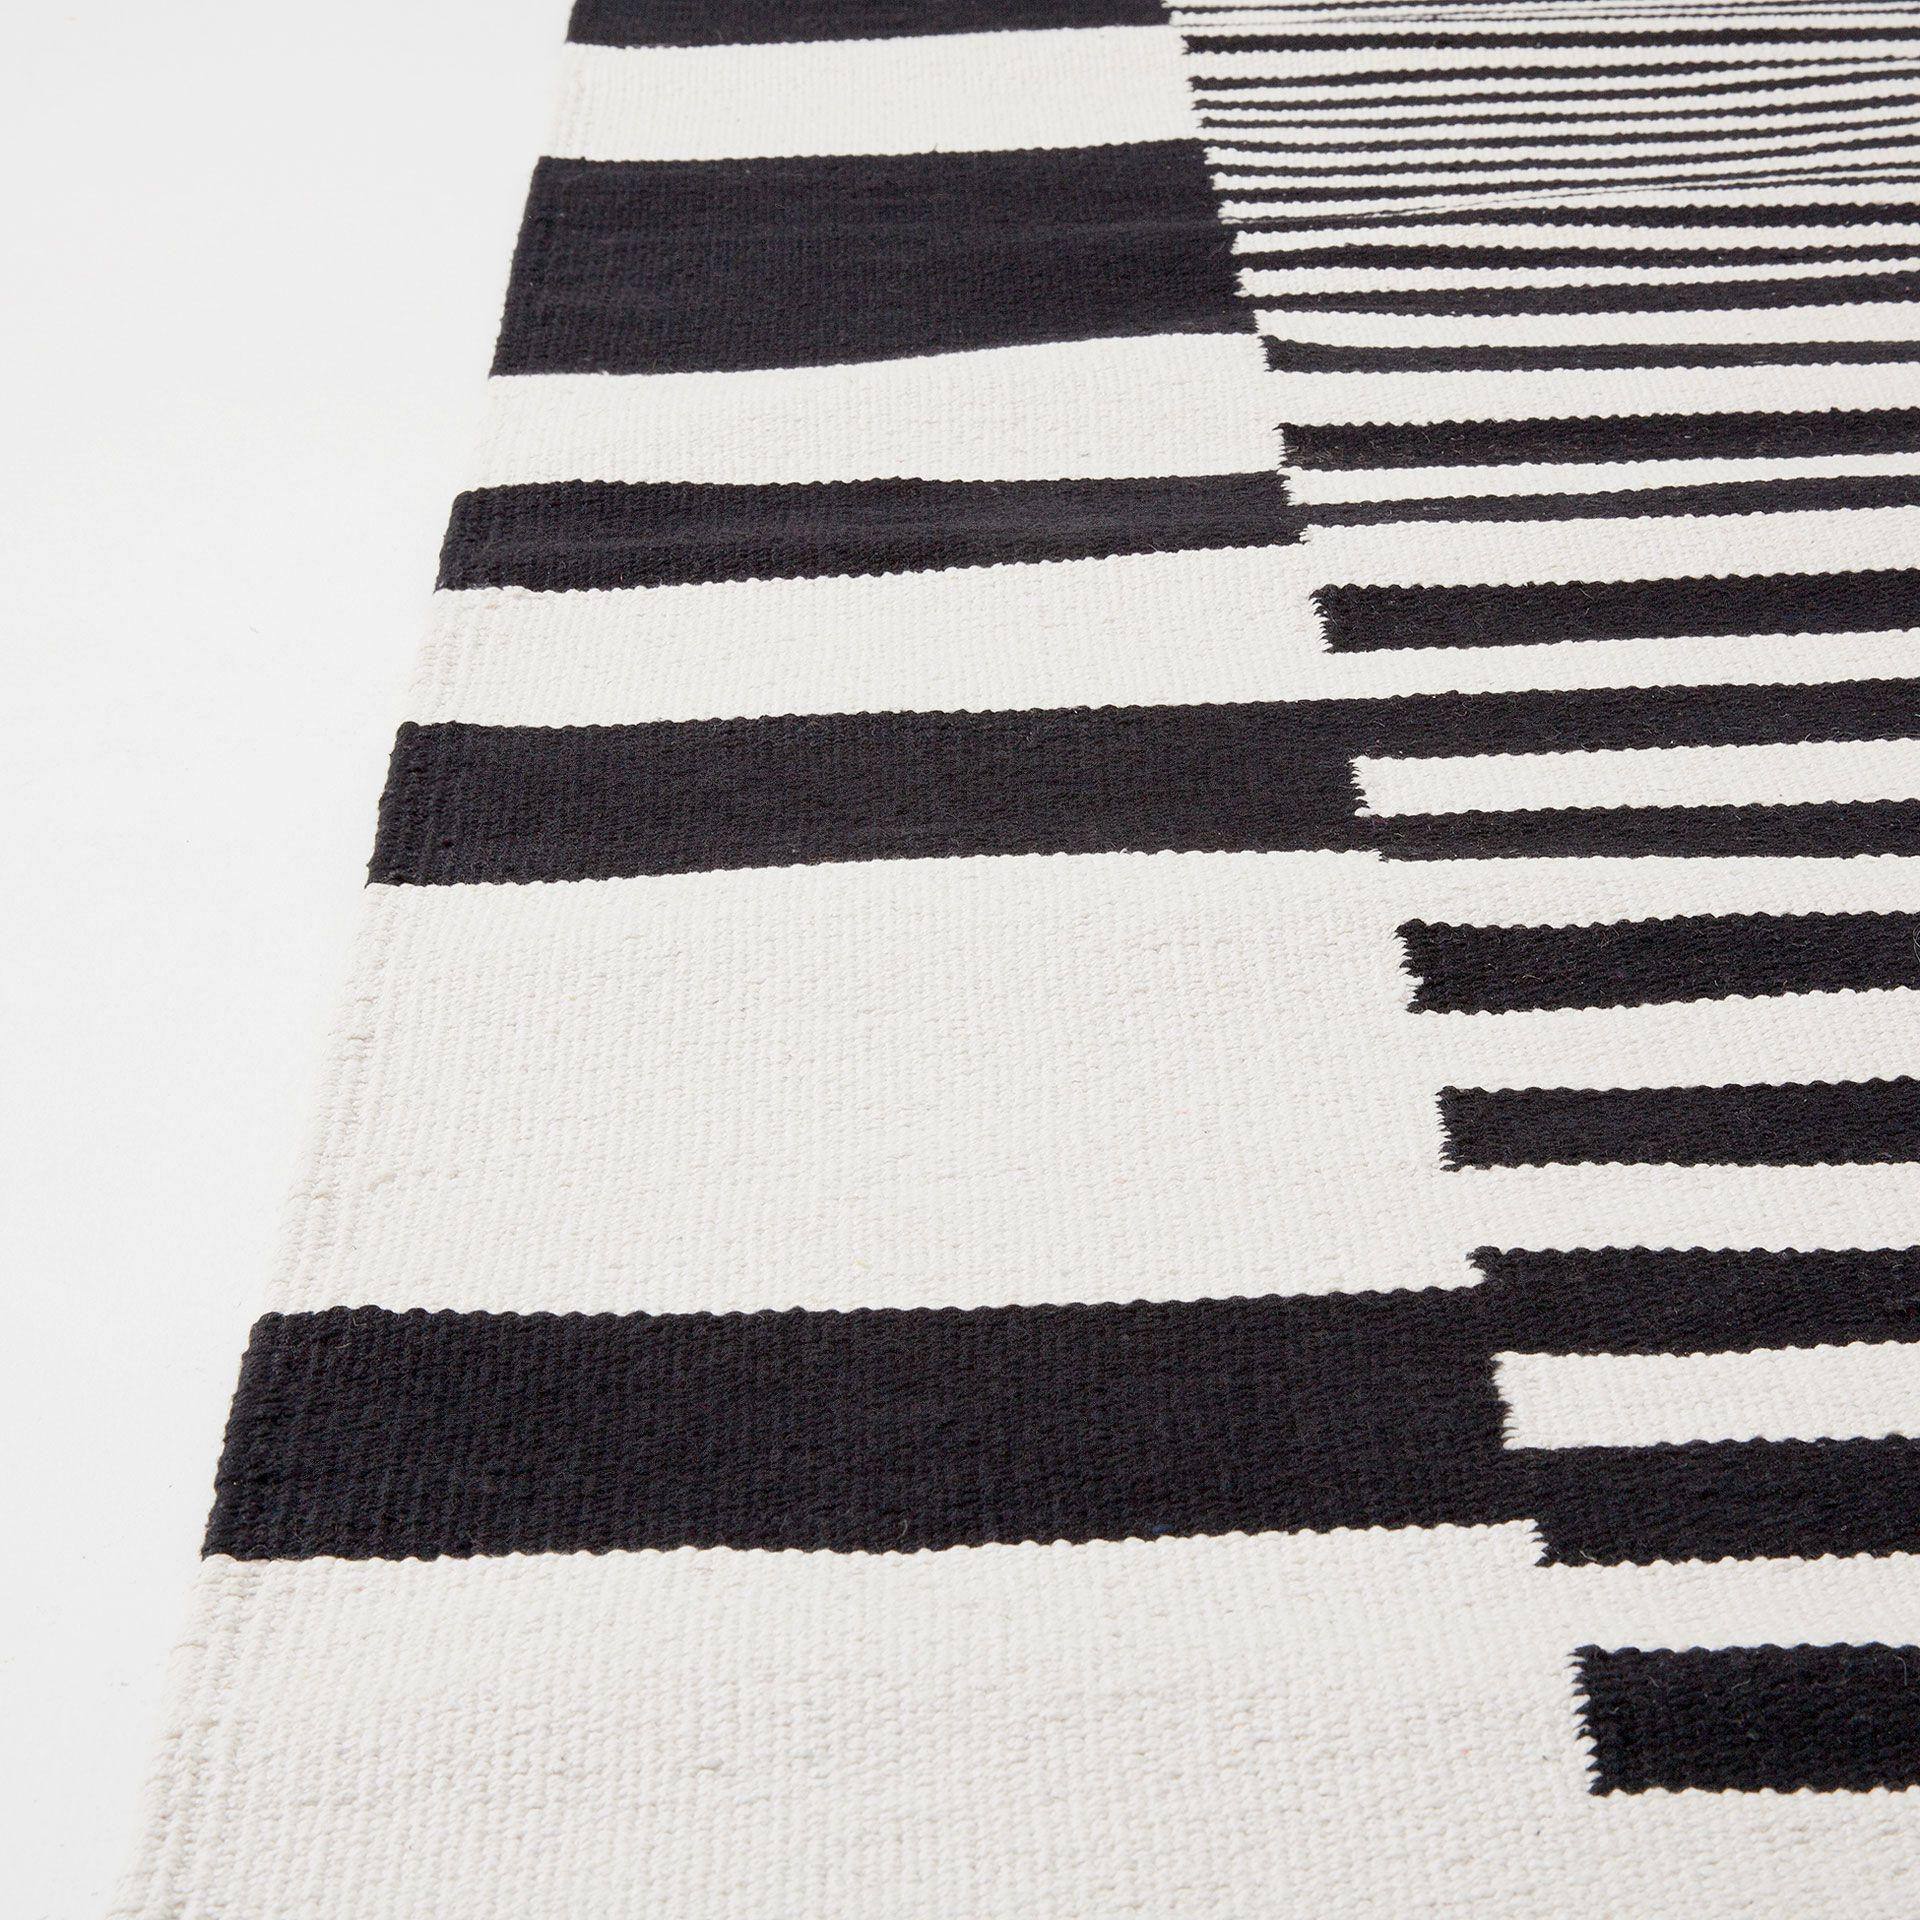 Teppiche - Dekoration | Zara Home Deutschland